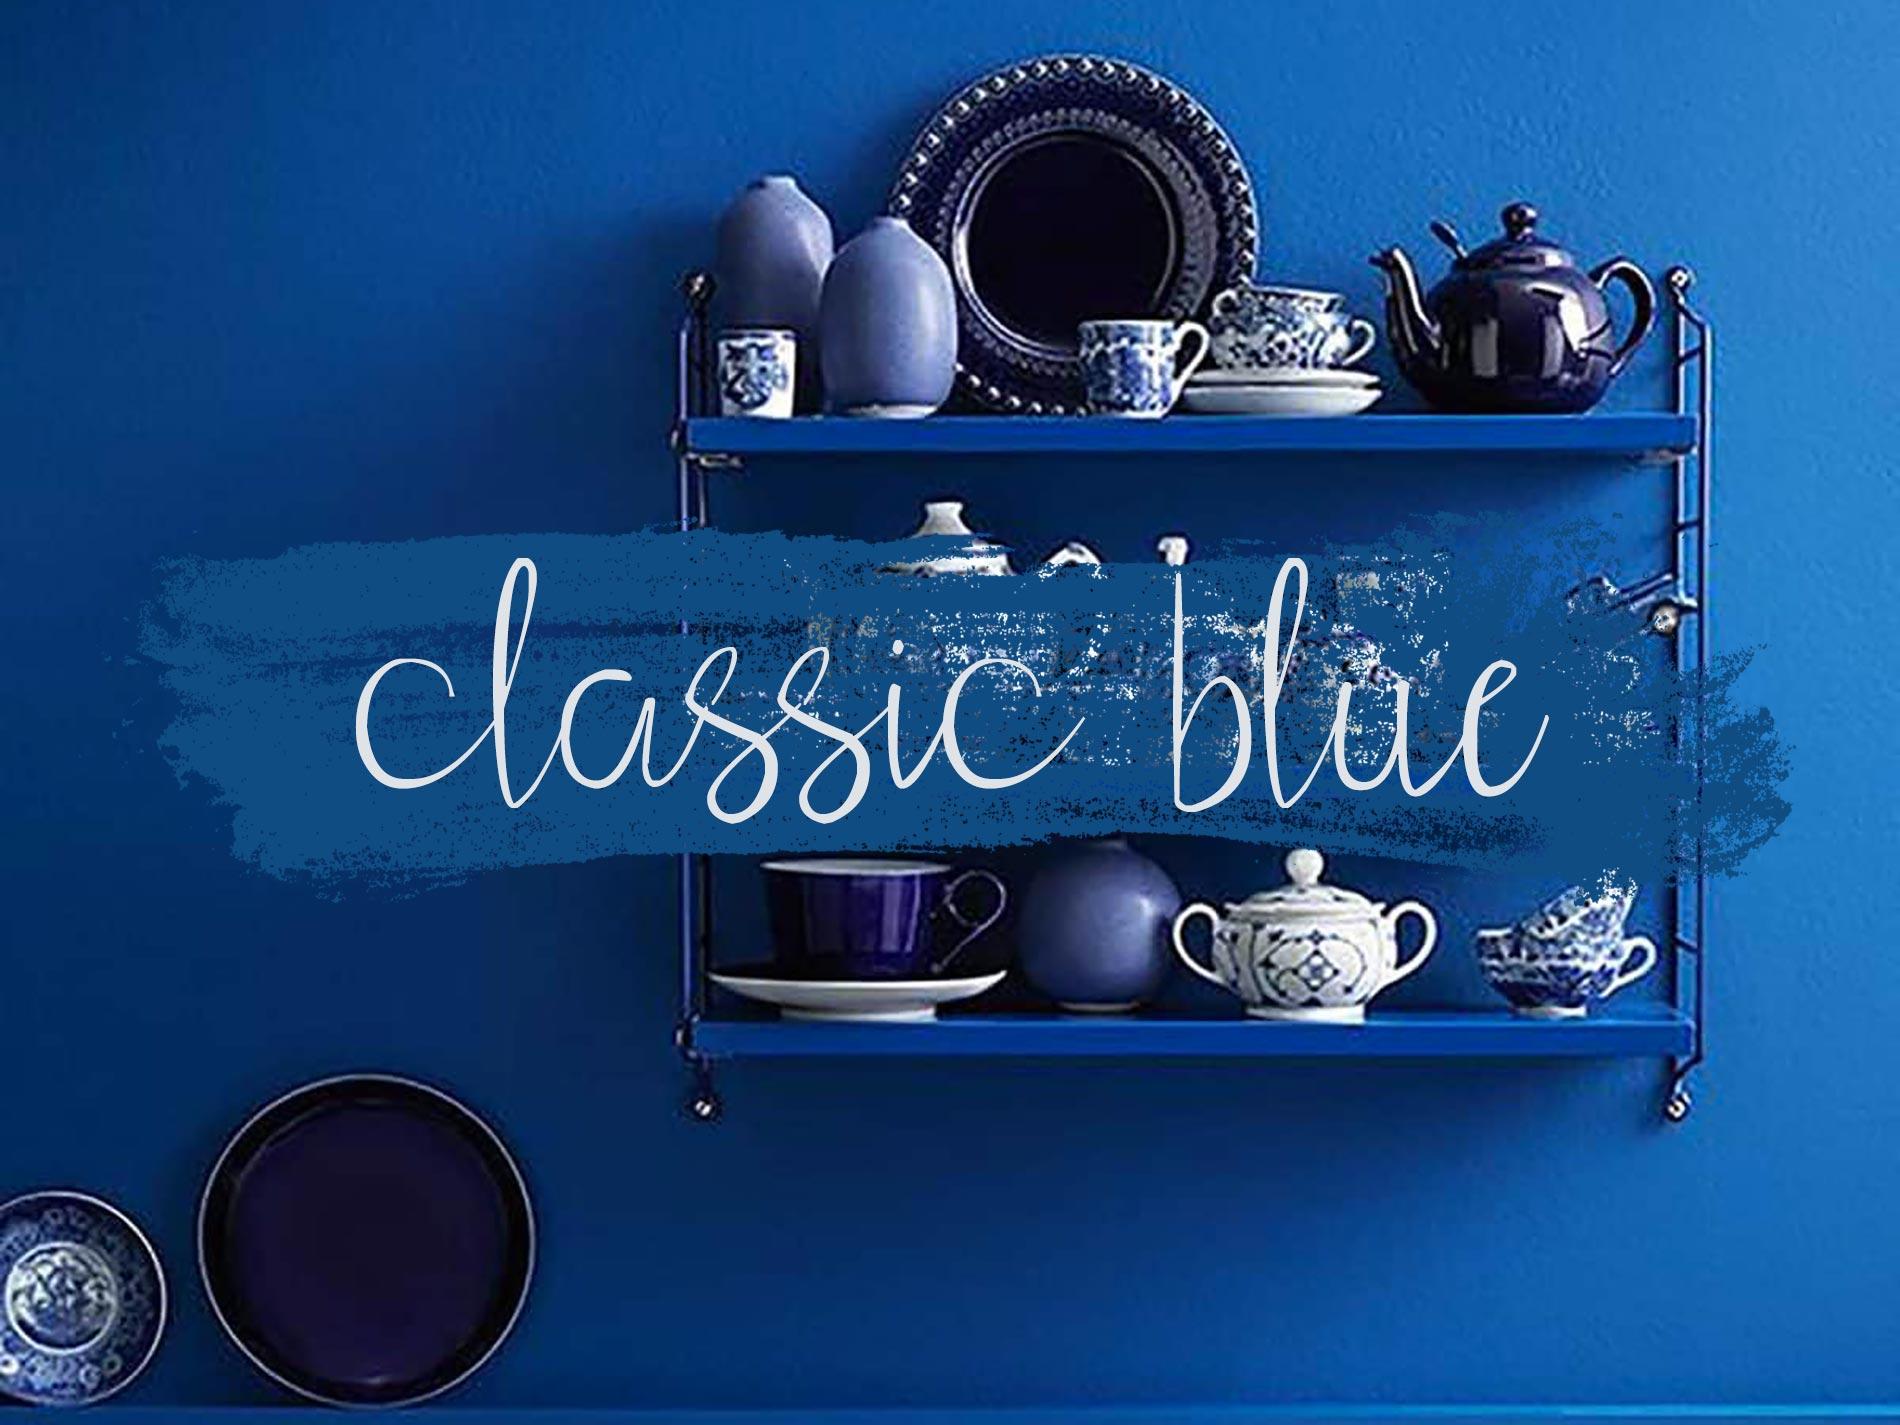 oggetti classic blue per la casa